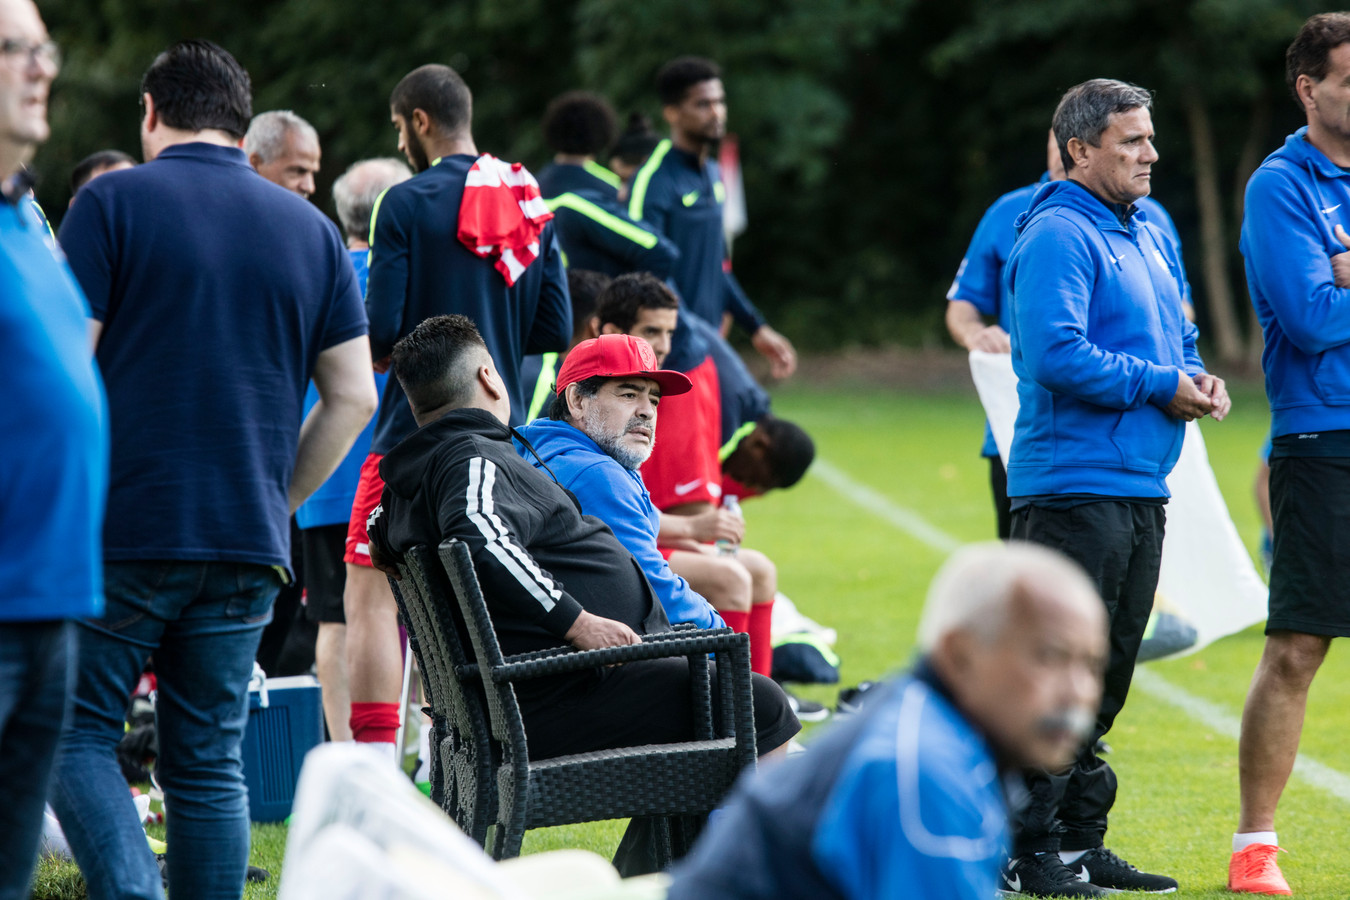 Elftal van Diego Maradona speelt oefenwedstrijd tegen SV Twello bij de Brug in Mierlo